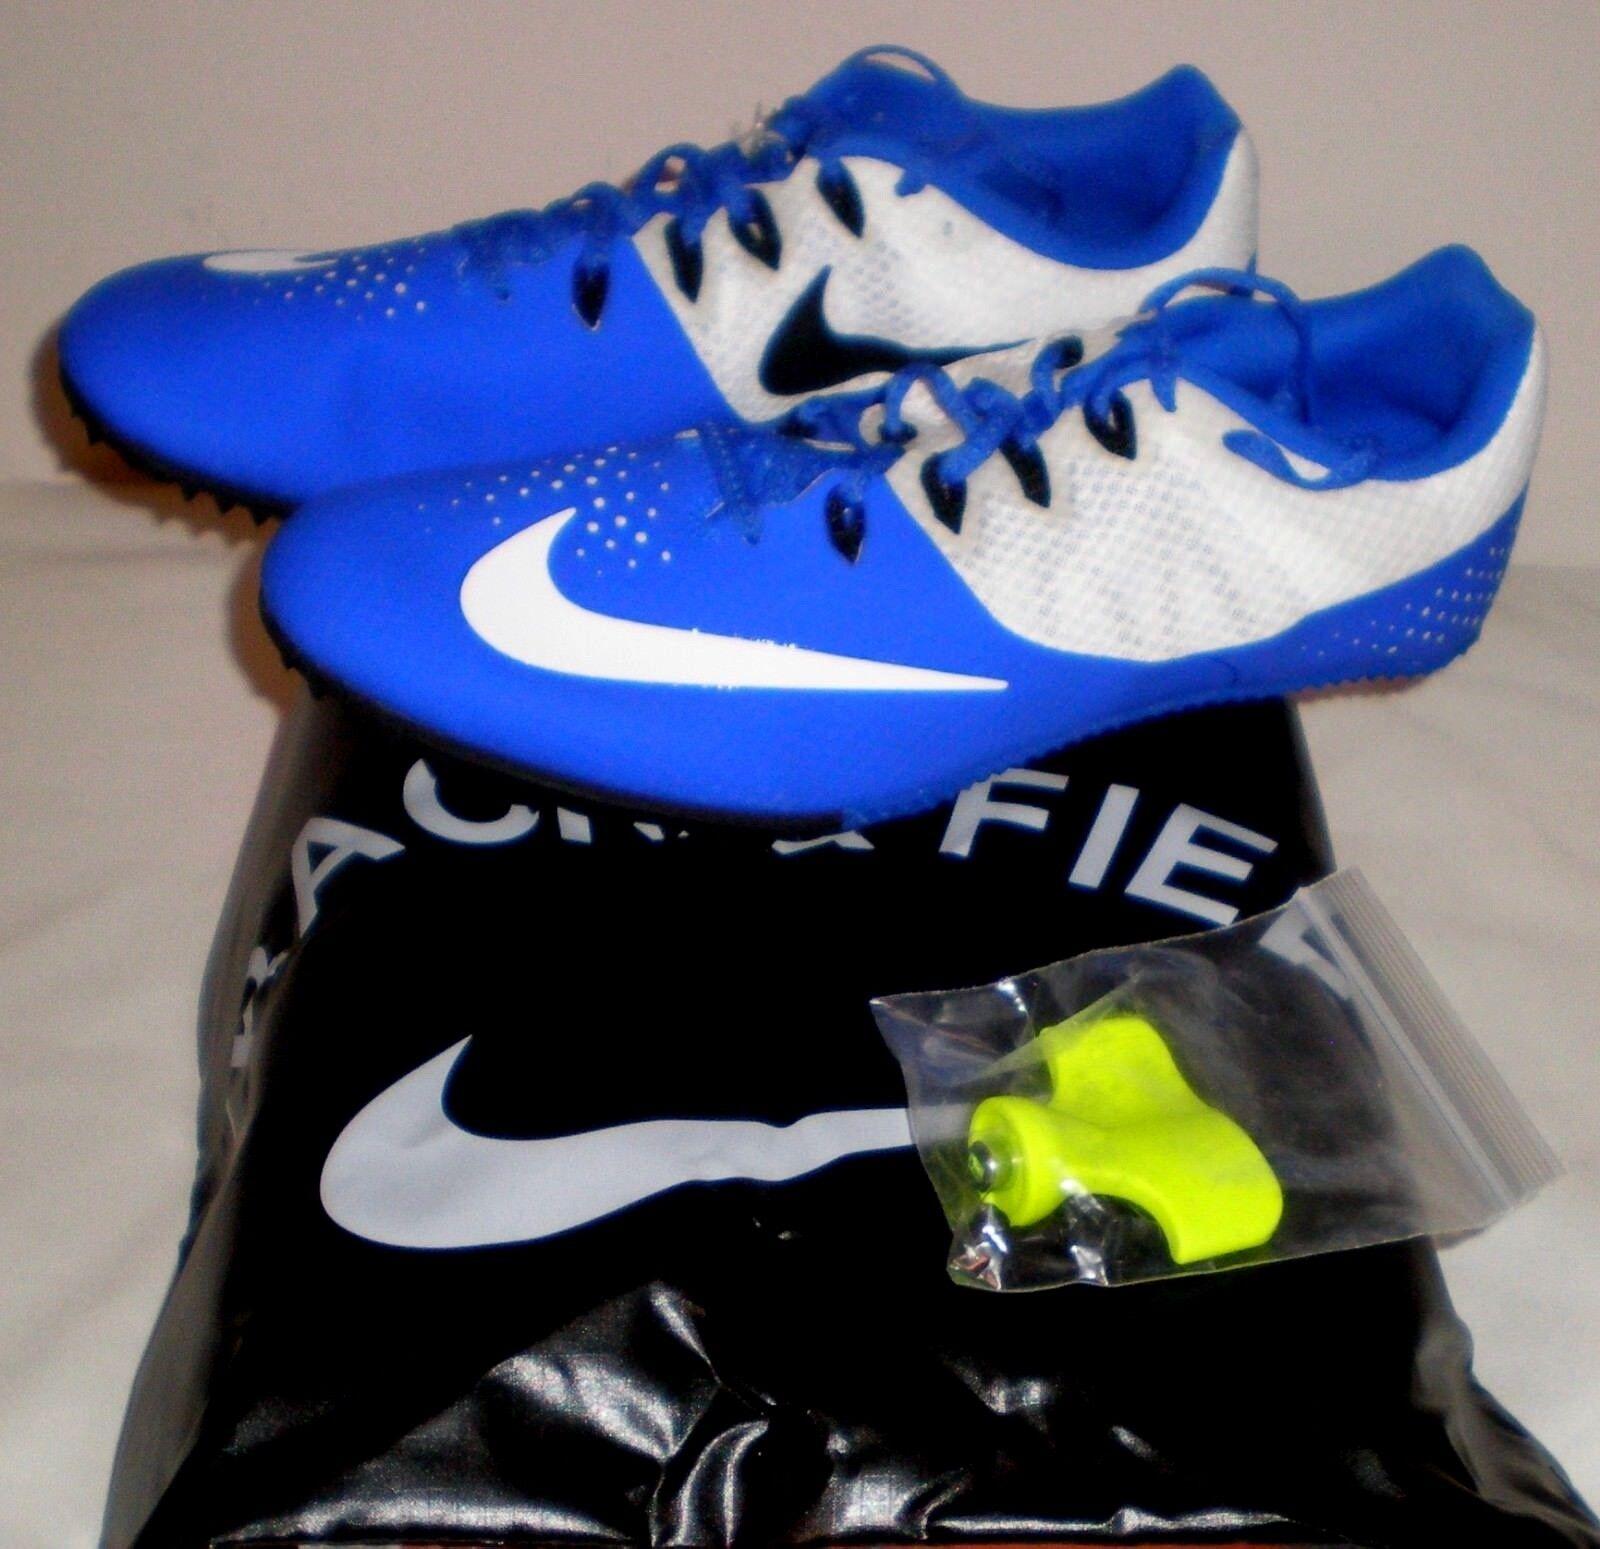 Nike Zoom rival S8 Blanco pista de correr Sprint Shoes Royal Azul Blanco S8 Spikes Hombre 11 el mas popular zapatos para hombres y mujeres b27c5a